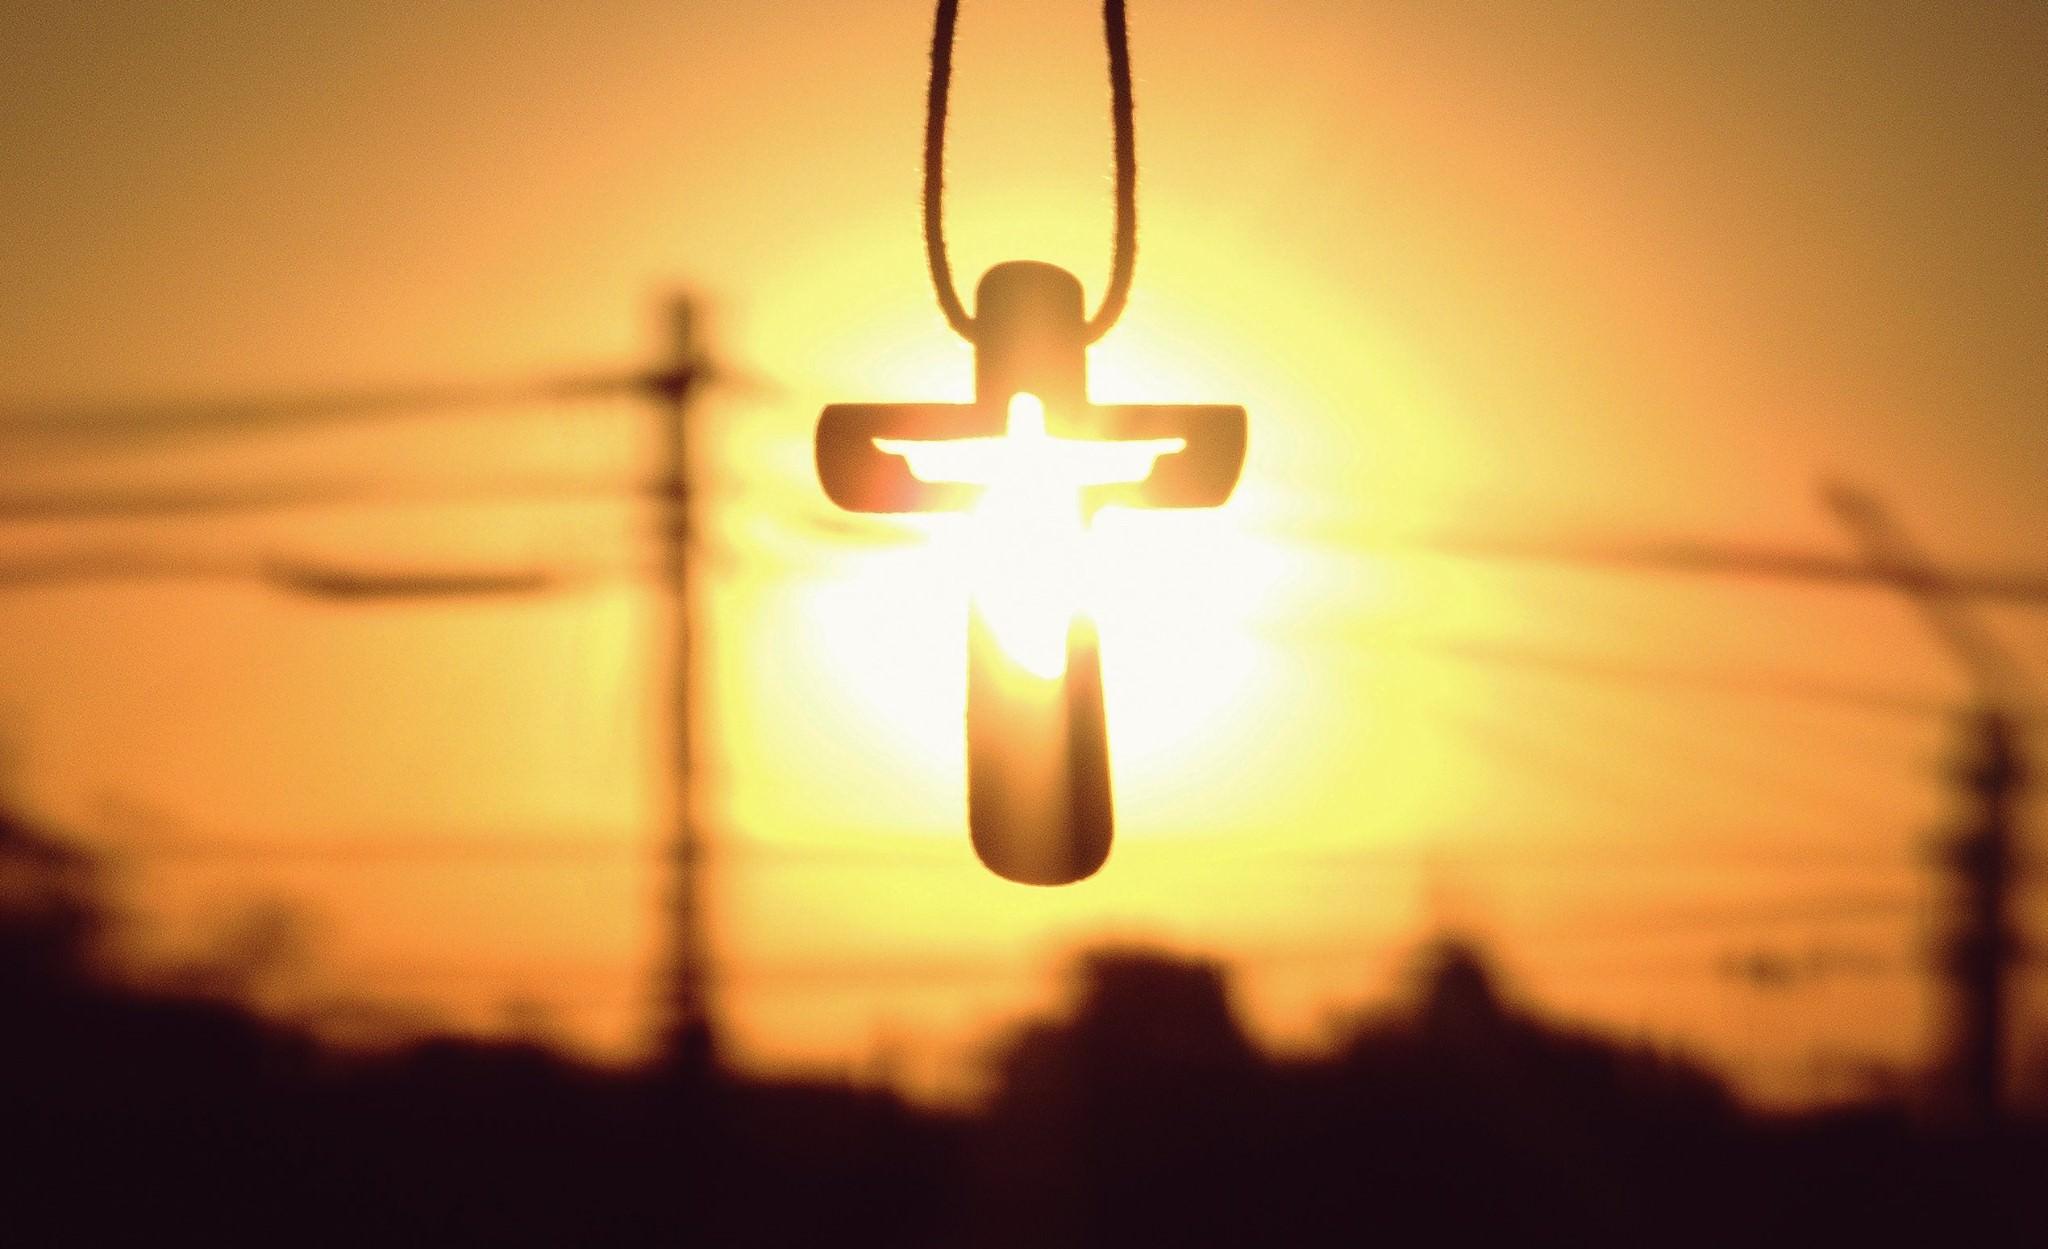 El Evangelio del próximo domingo, cuarto domingo de Cuaresma nos invita a poner los ojos en el amor de Dios (Jn 3, 14-21).